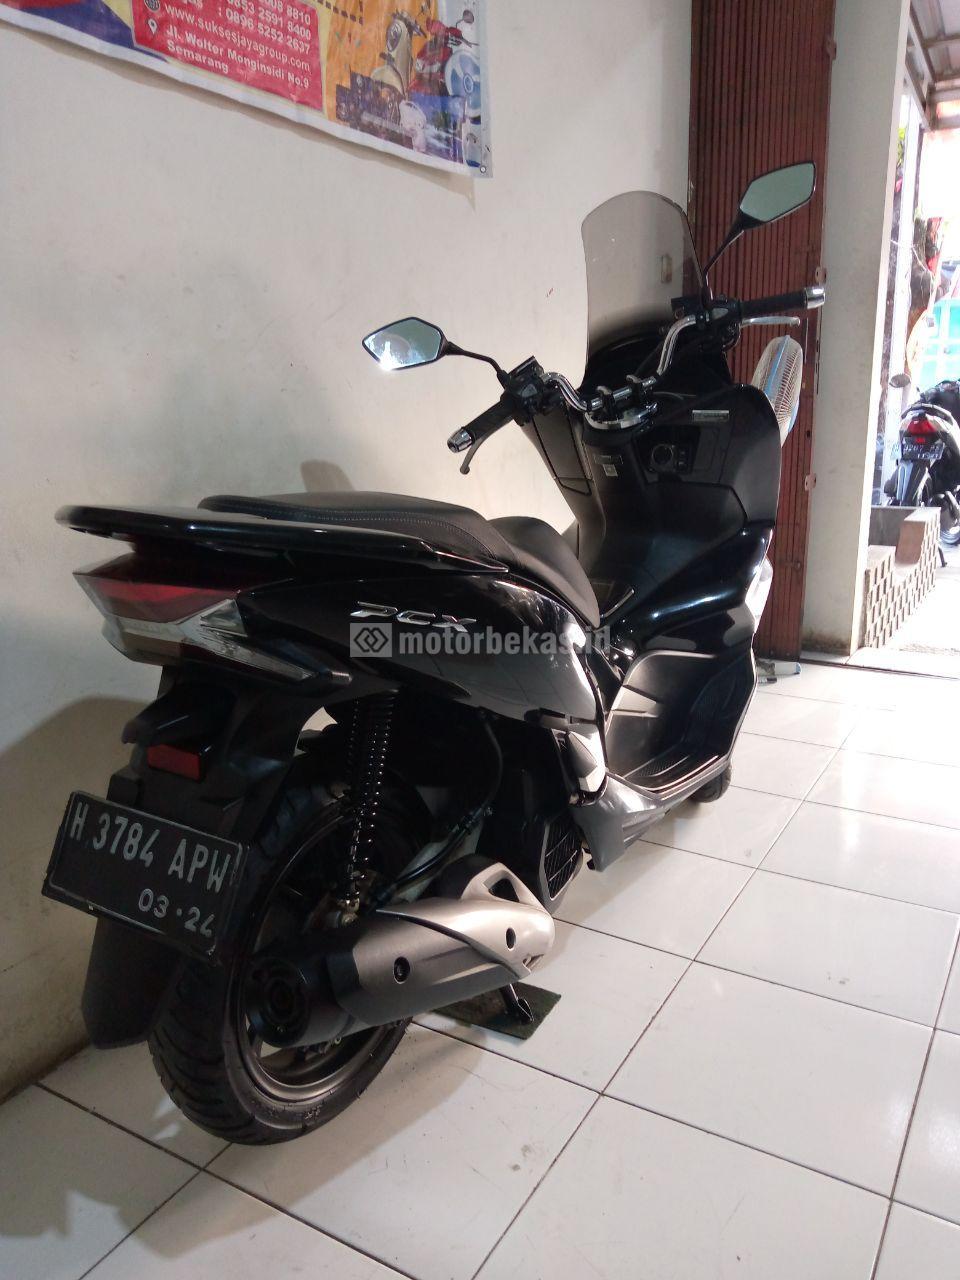 HONDA PCX 150 ABS 3352 motorbekas.id